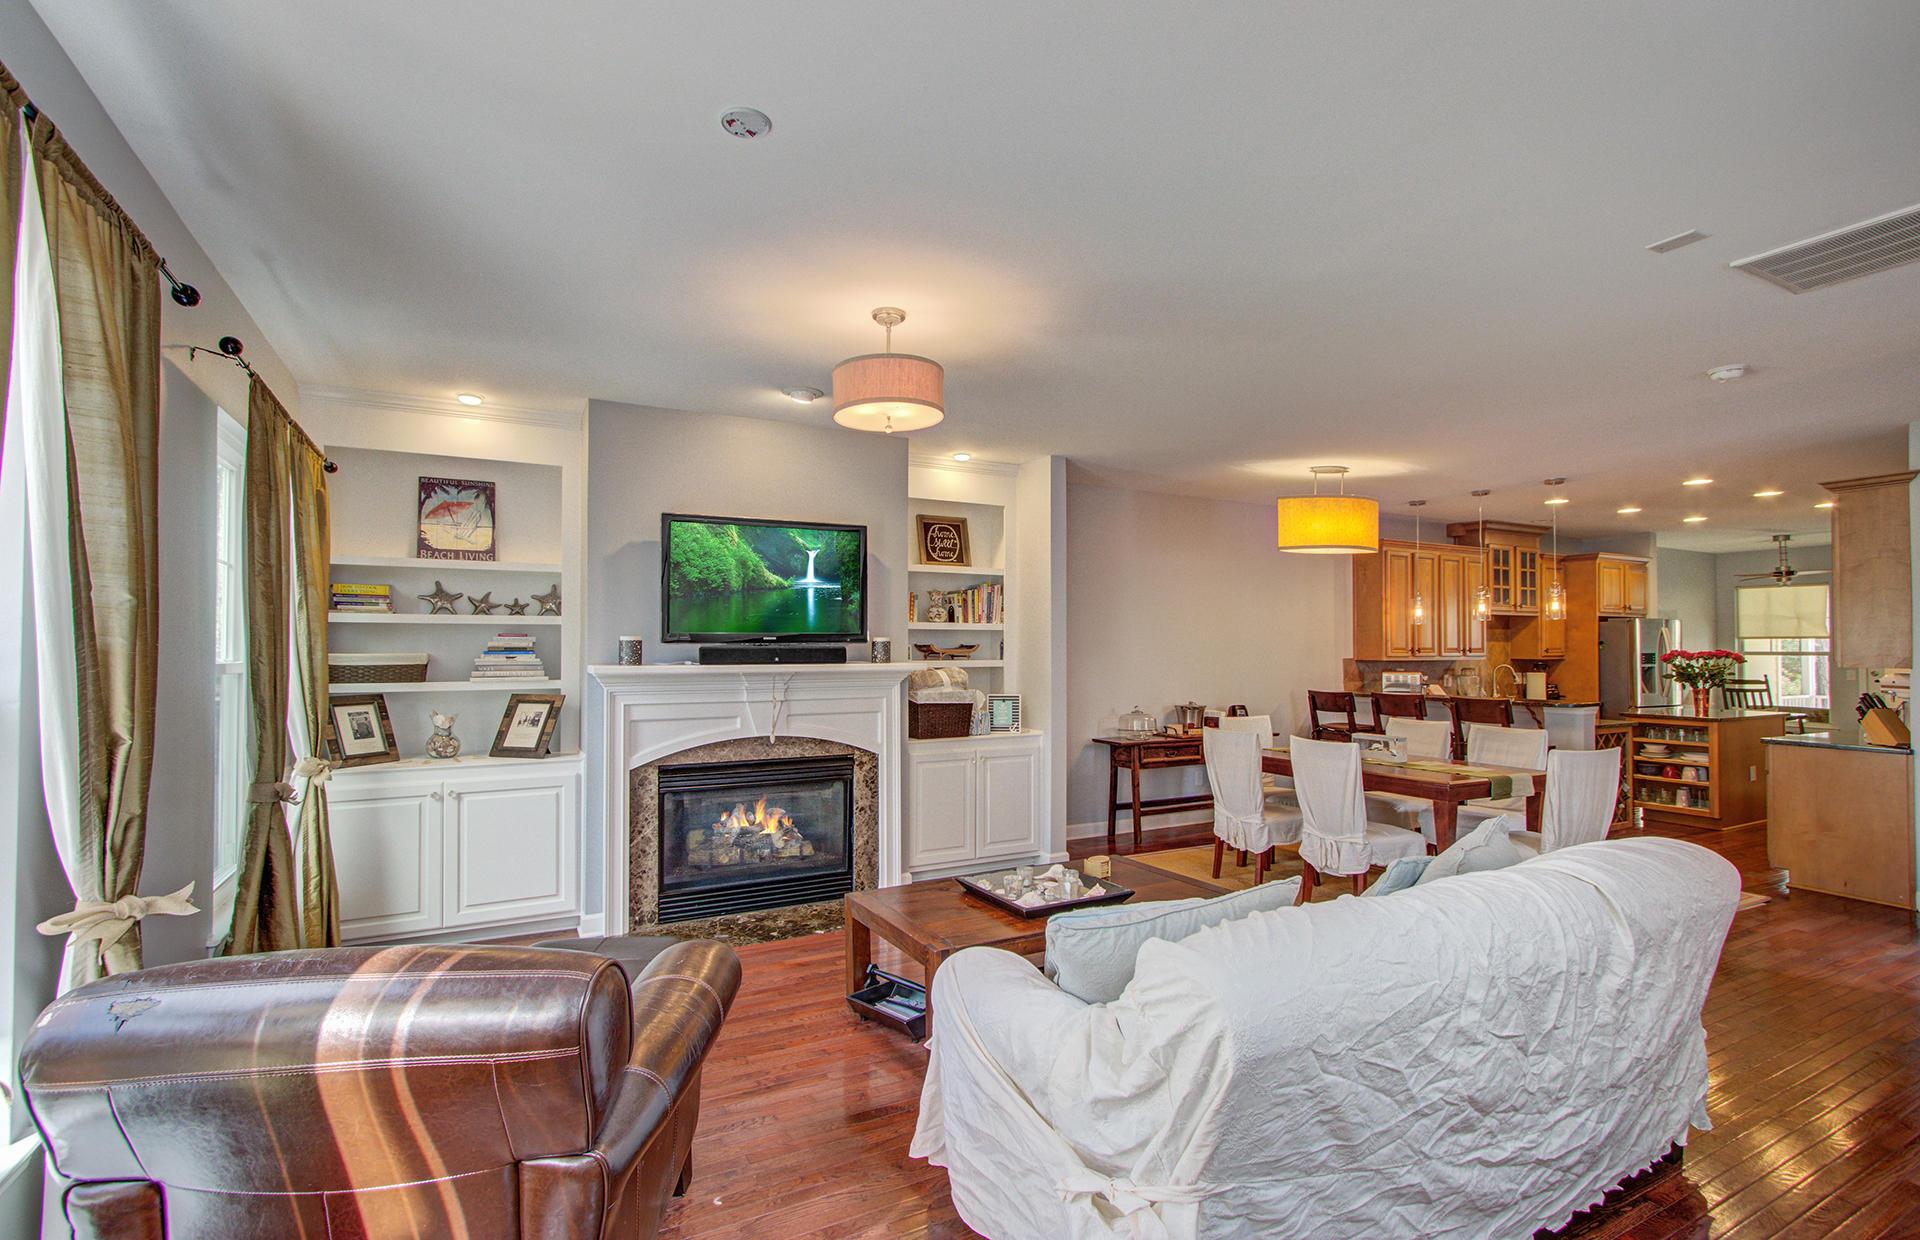 Dunes West Homes For Sale - 100 Fair Sailing, Mount Pleasant, SC - 5